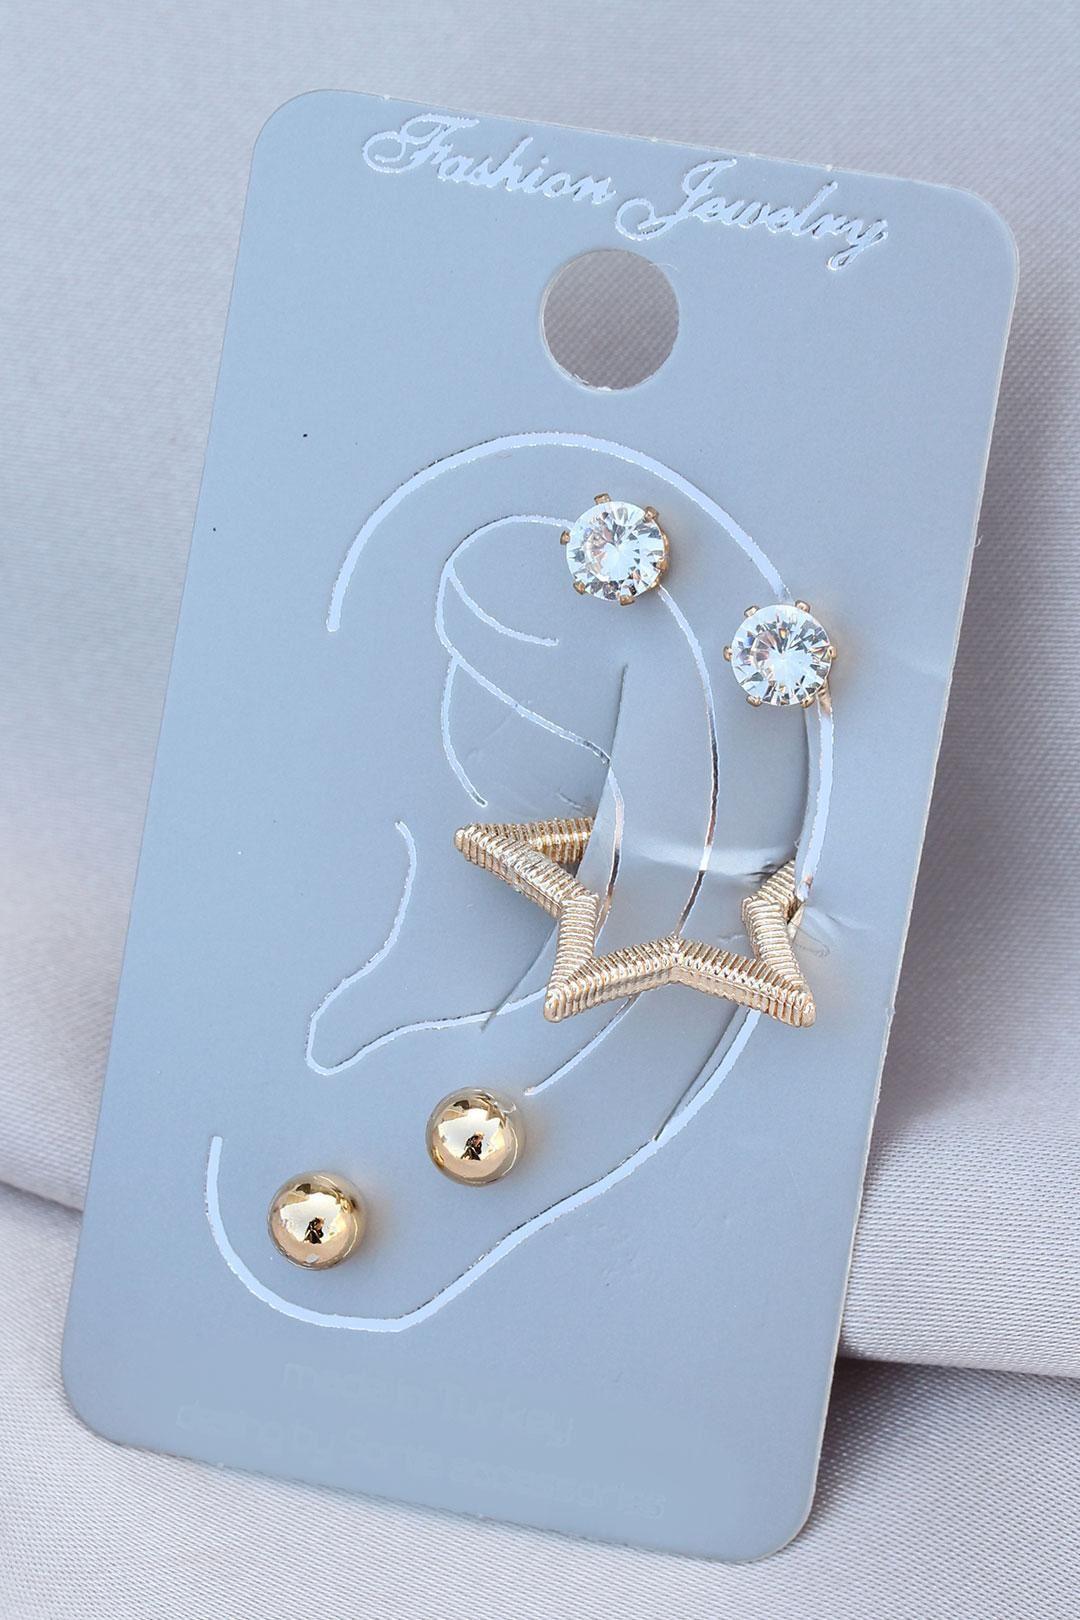 Yıldız Model Gold Renk Metal Taşlı Kıkırdak Küpe Seti